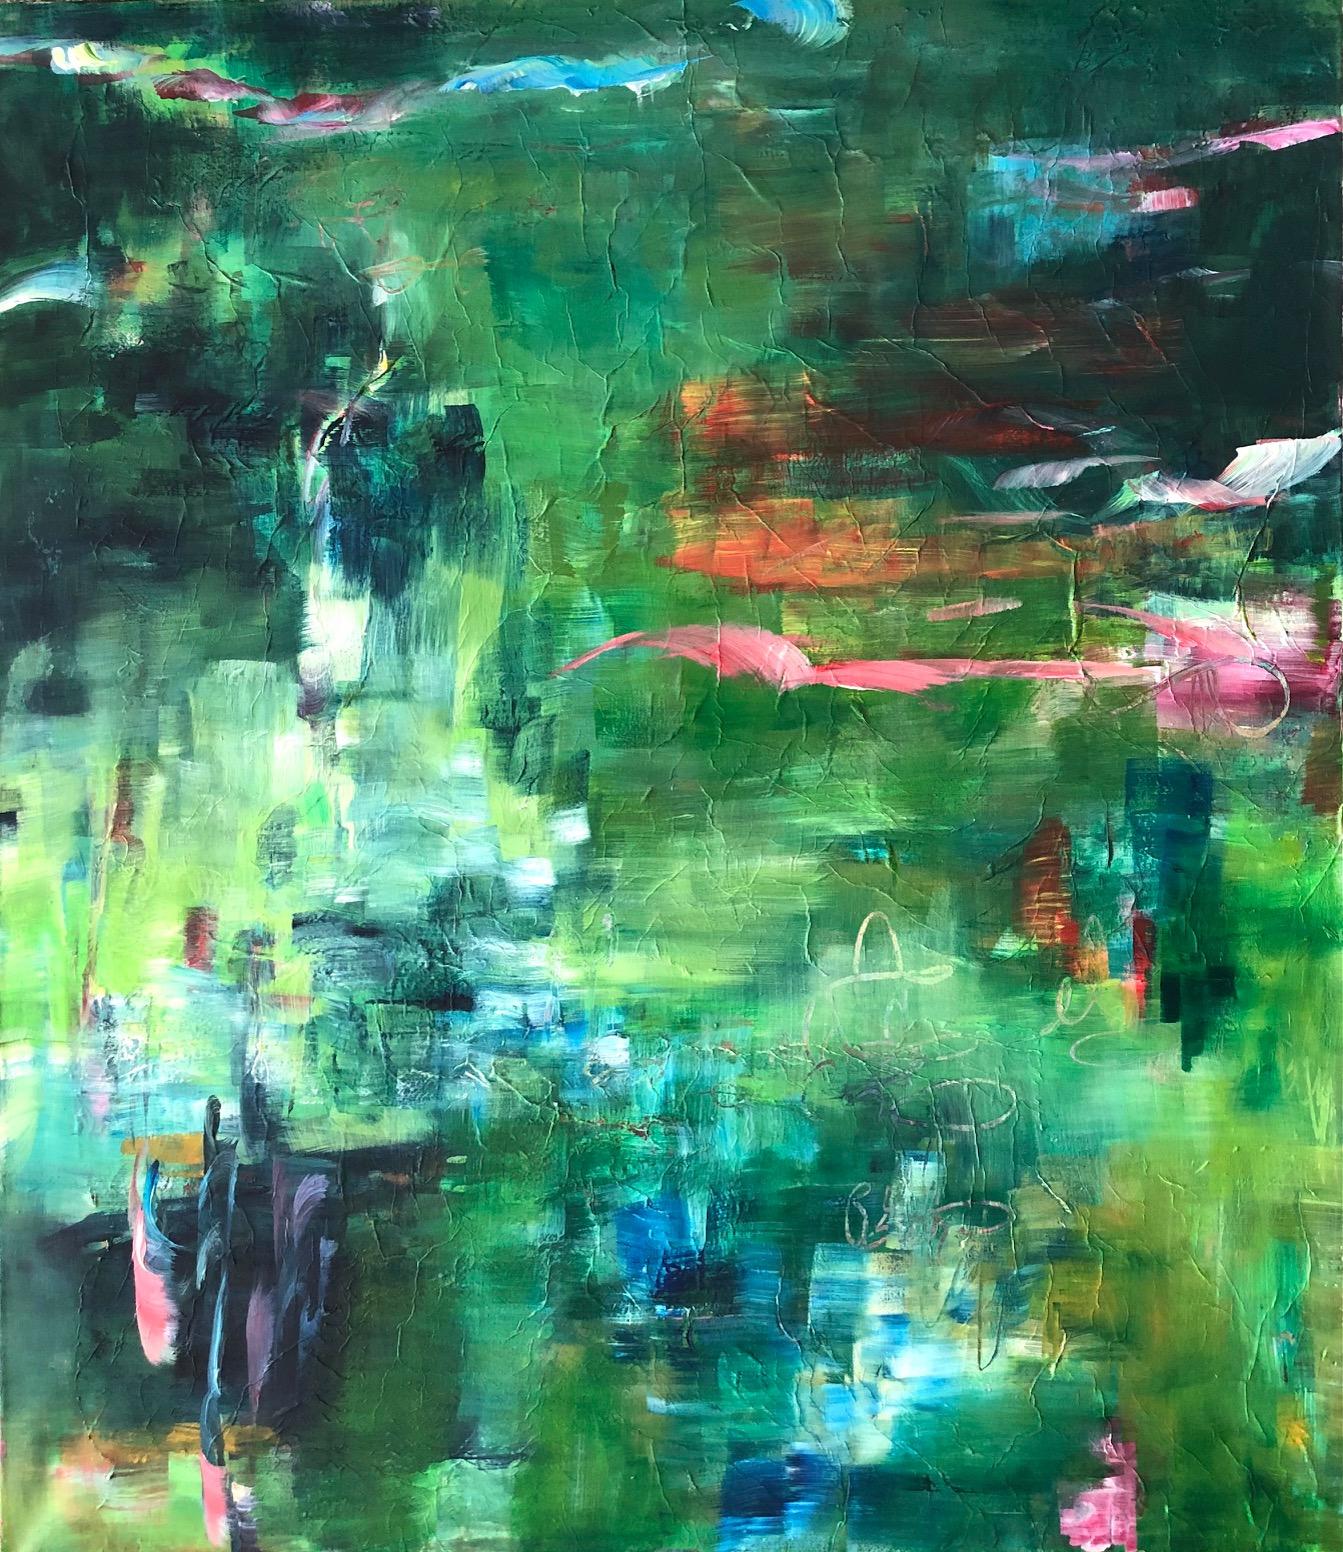 Iso,vihreä ja abstrakti maalaus. Tehty vahvoin ja helein vihrein värein. Maalauksessa lentää viittellisesti maaalttu lintu.